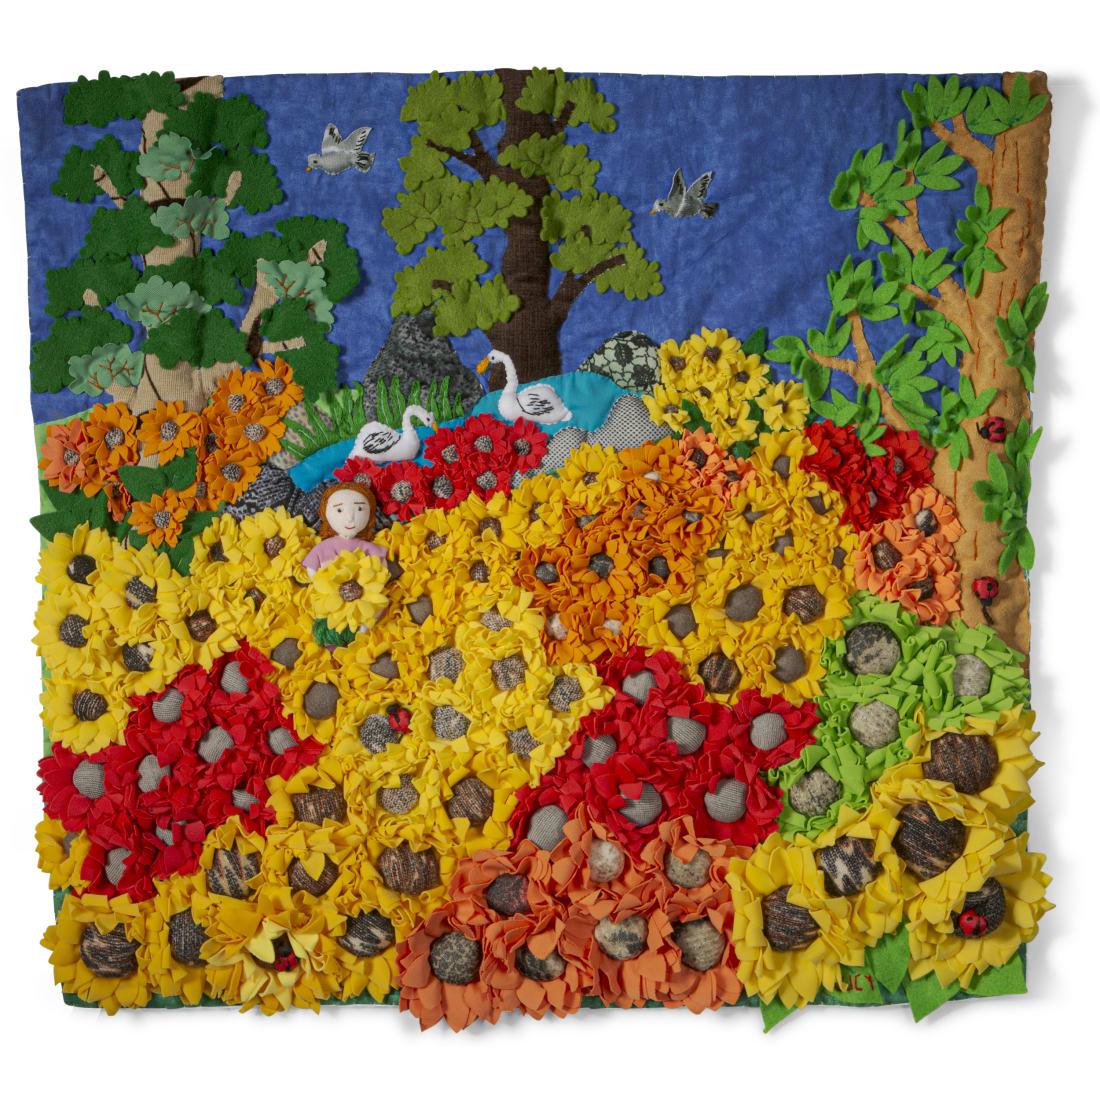 Sunflower Field - Medium